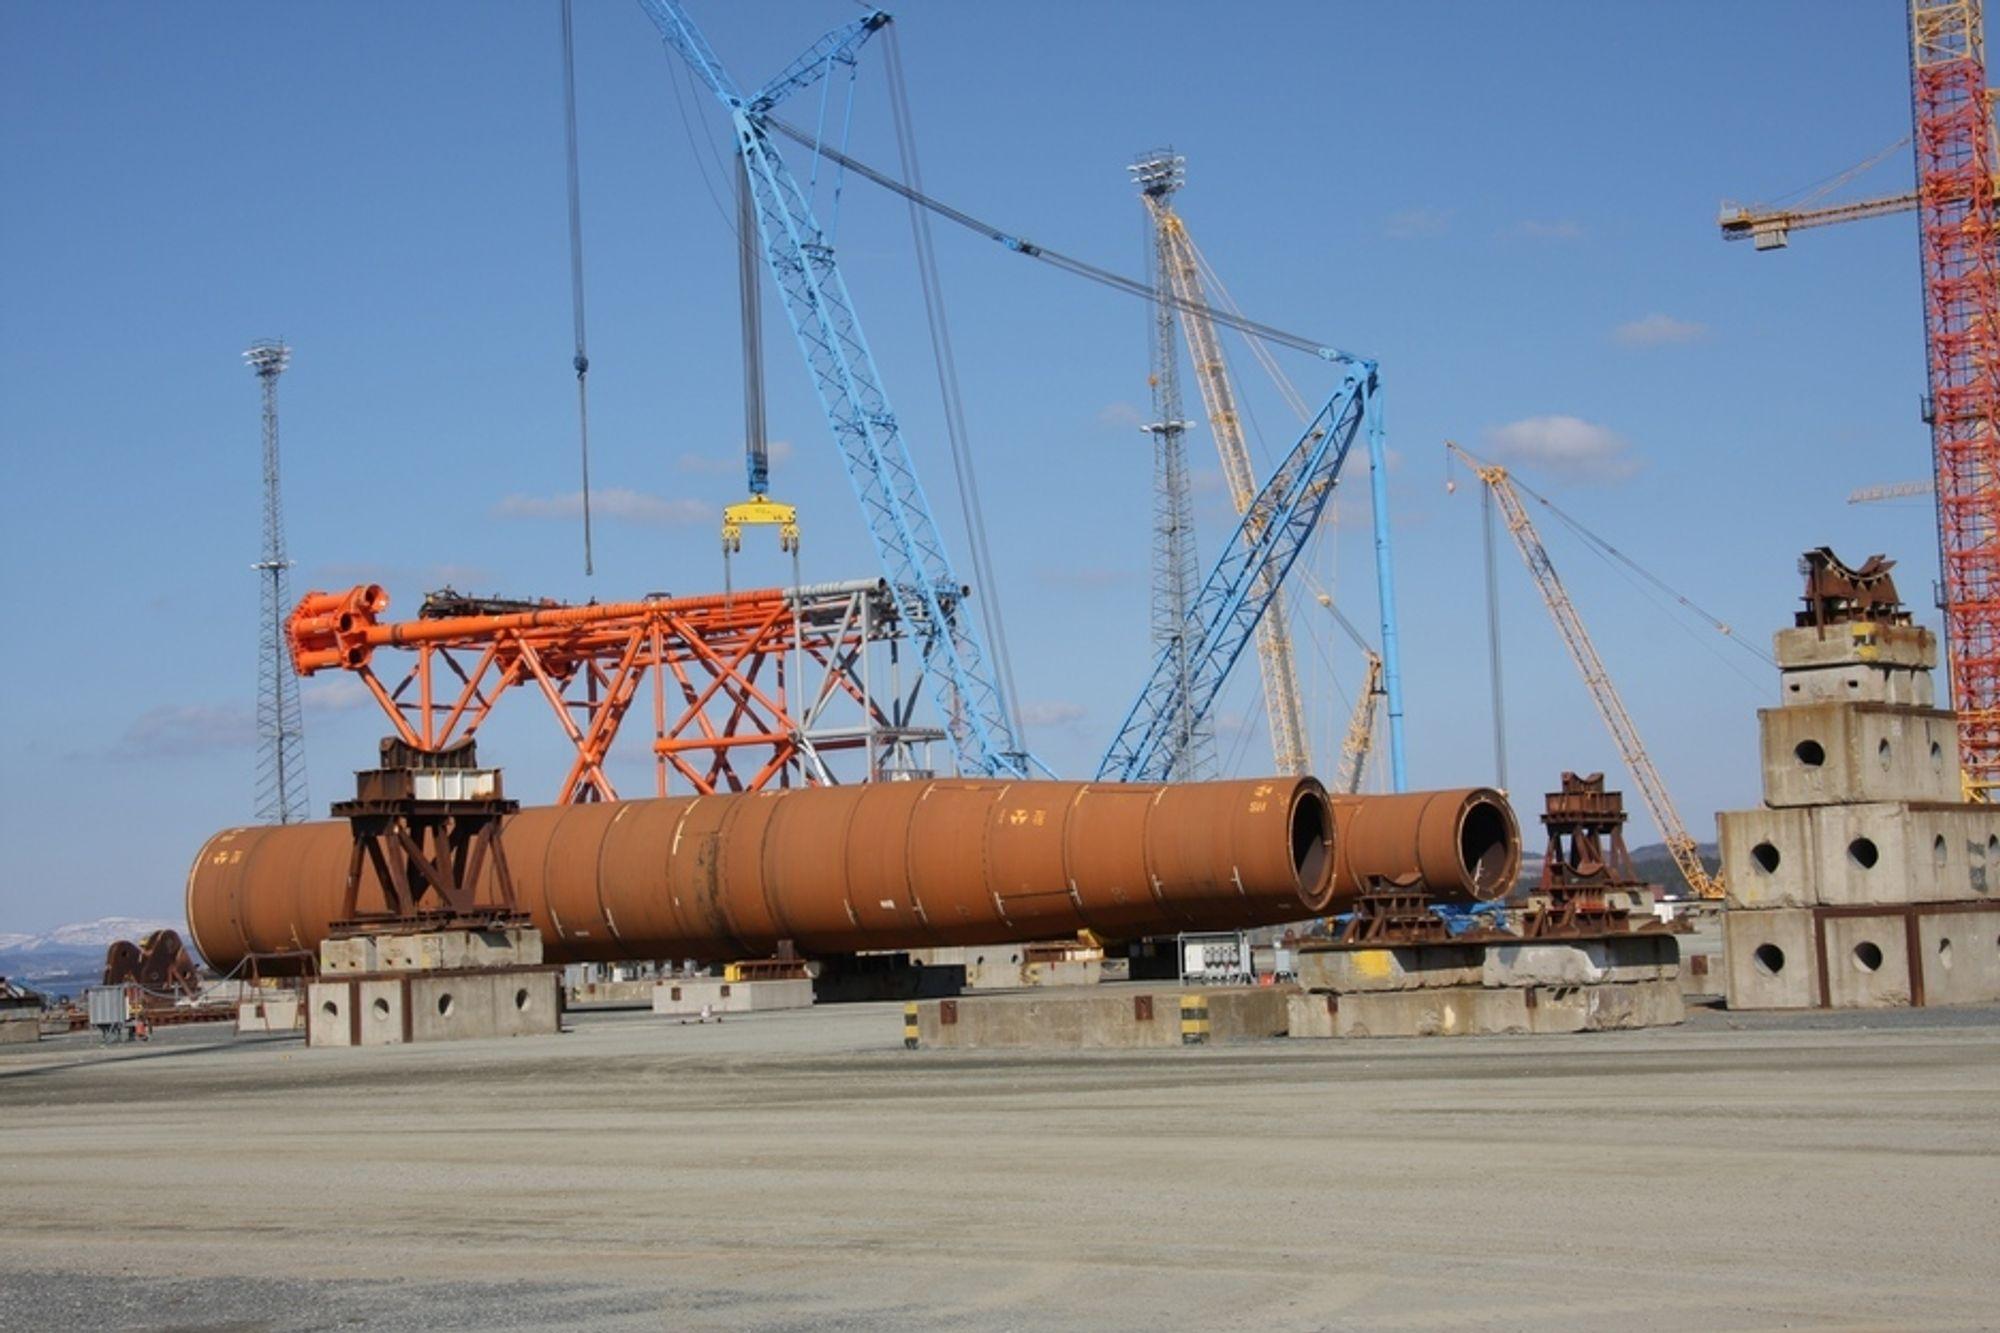 TO STÅLUNDERSTELL: Kværner Verdal har fått to kontrakter på stålunderstell hittil i år, Hild for Total og Luno for Lundin. I tillegg brygges stålunderstellene for de nye plattformene på Ekofisk på verkstedet.